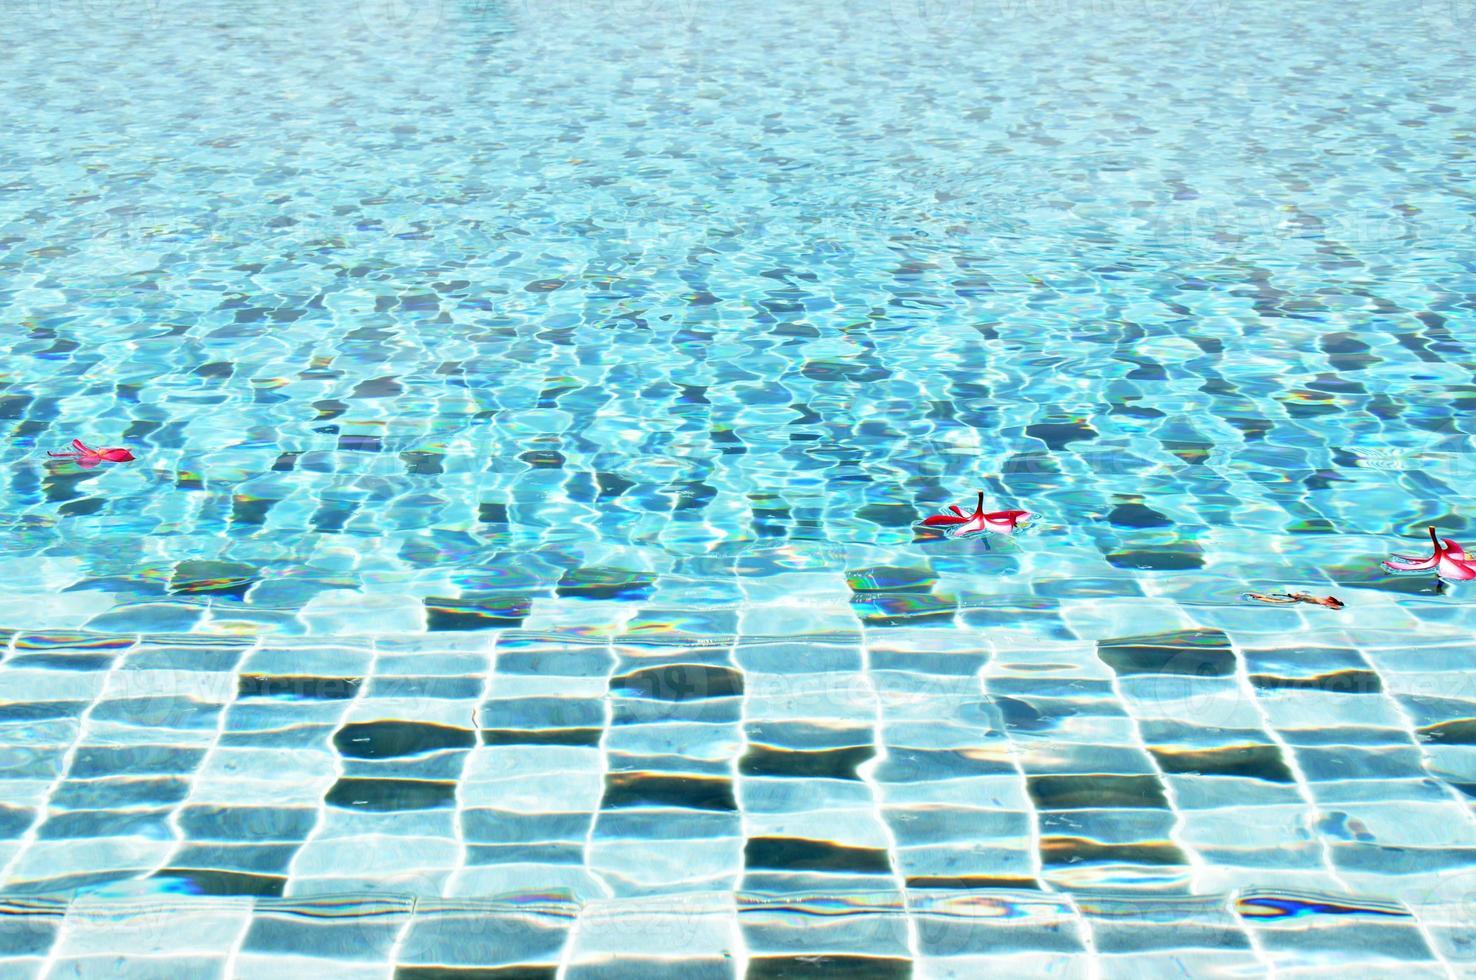 agua en piscina azul foto